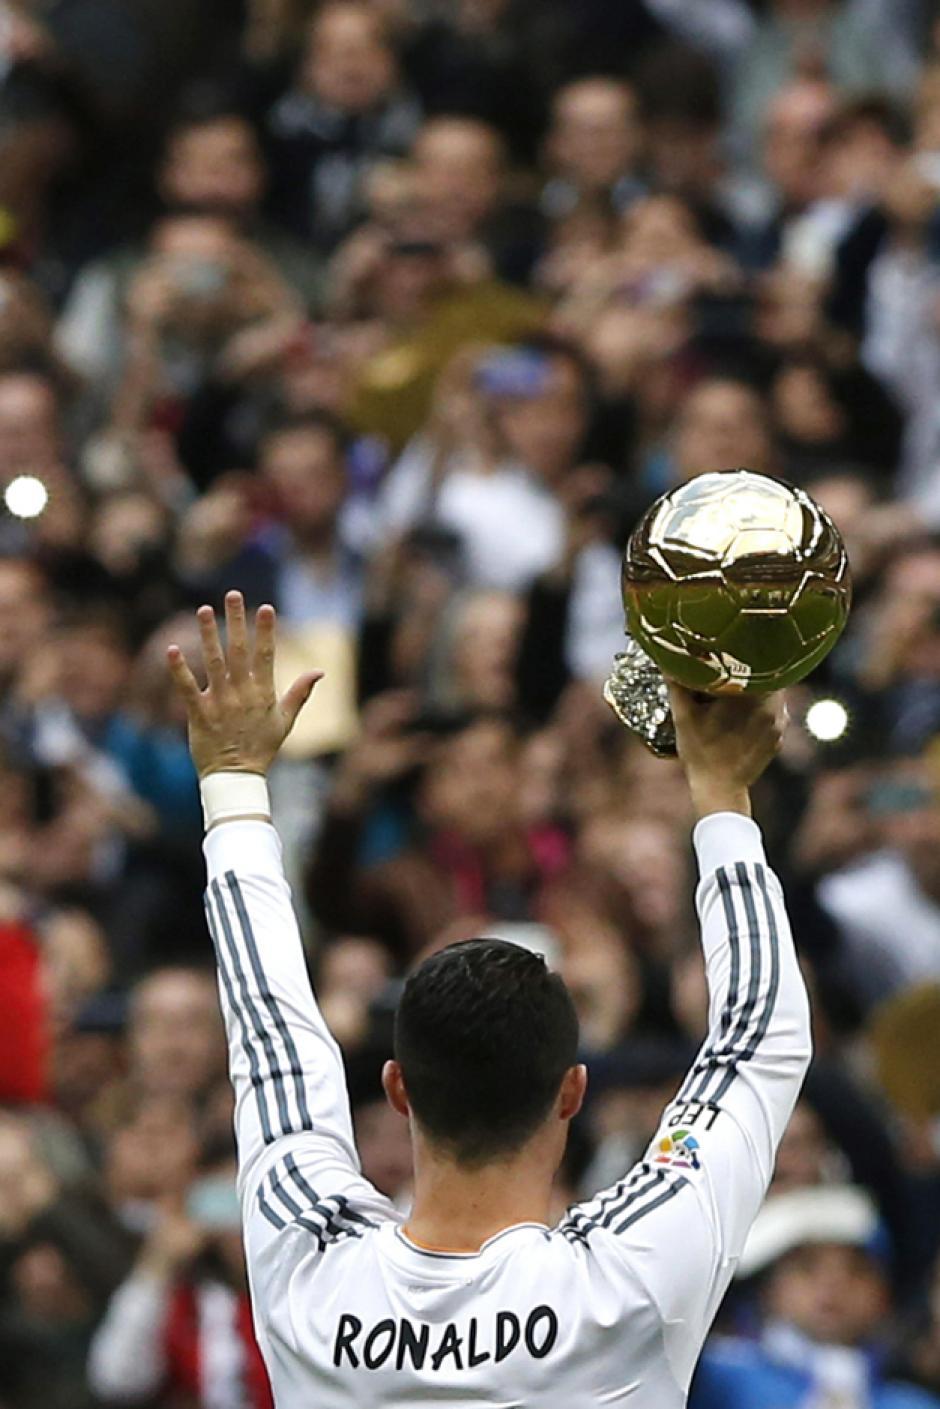 Cristiano Ronaldo consiguió el Balón de Oro 2013, el segundo de su carrera tras ganar el de 2008. (Foto: Javier Lizón/EFE)